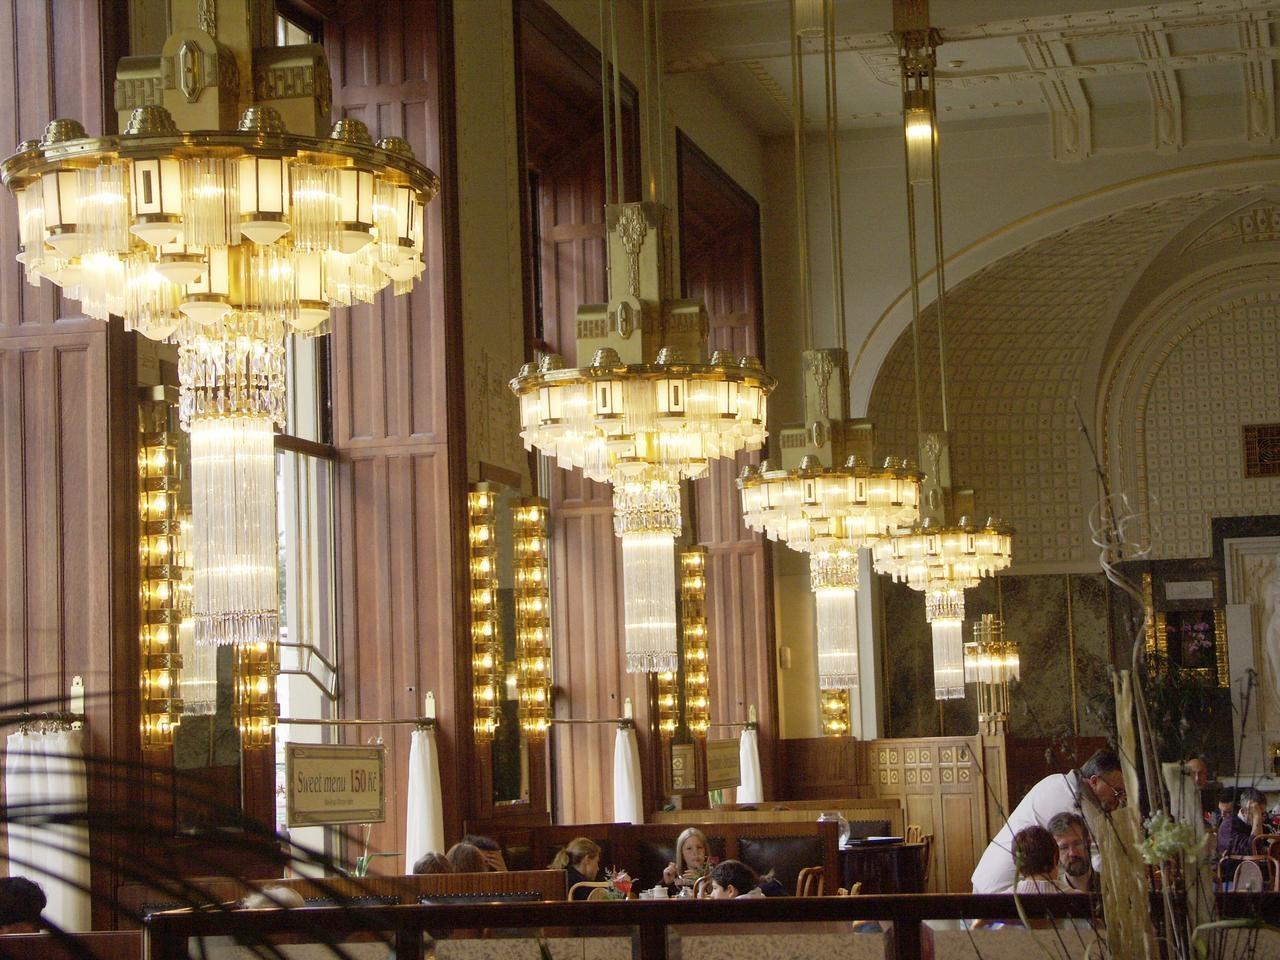 Popular Photo of Restaurant Chandeliers